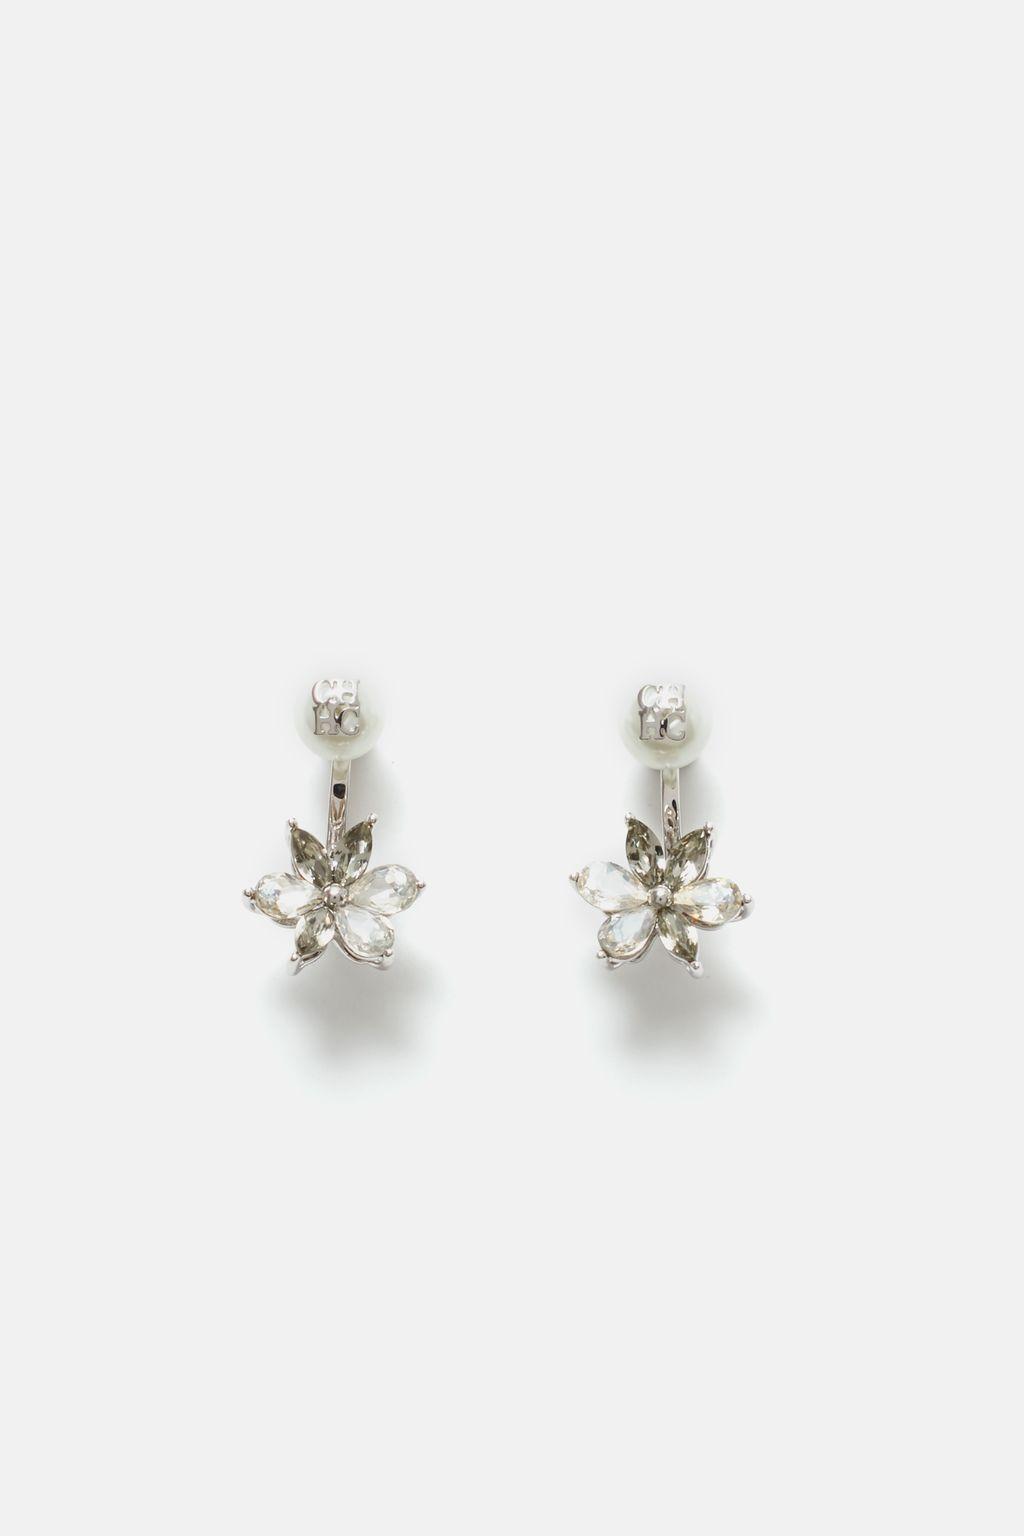 Crystal Jasmine drop earrings